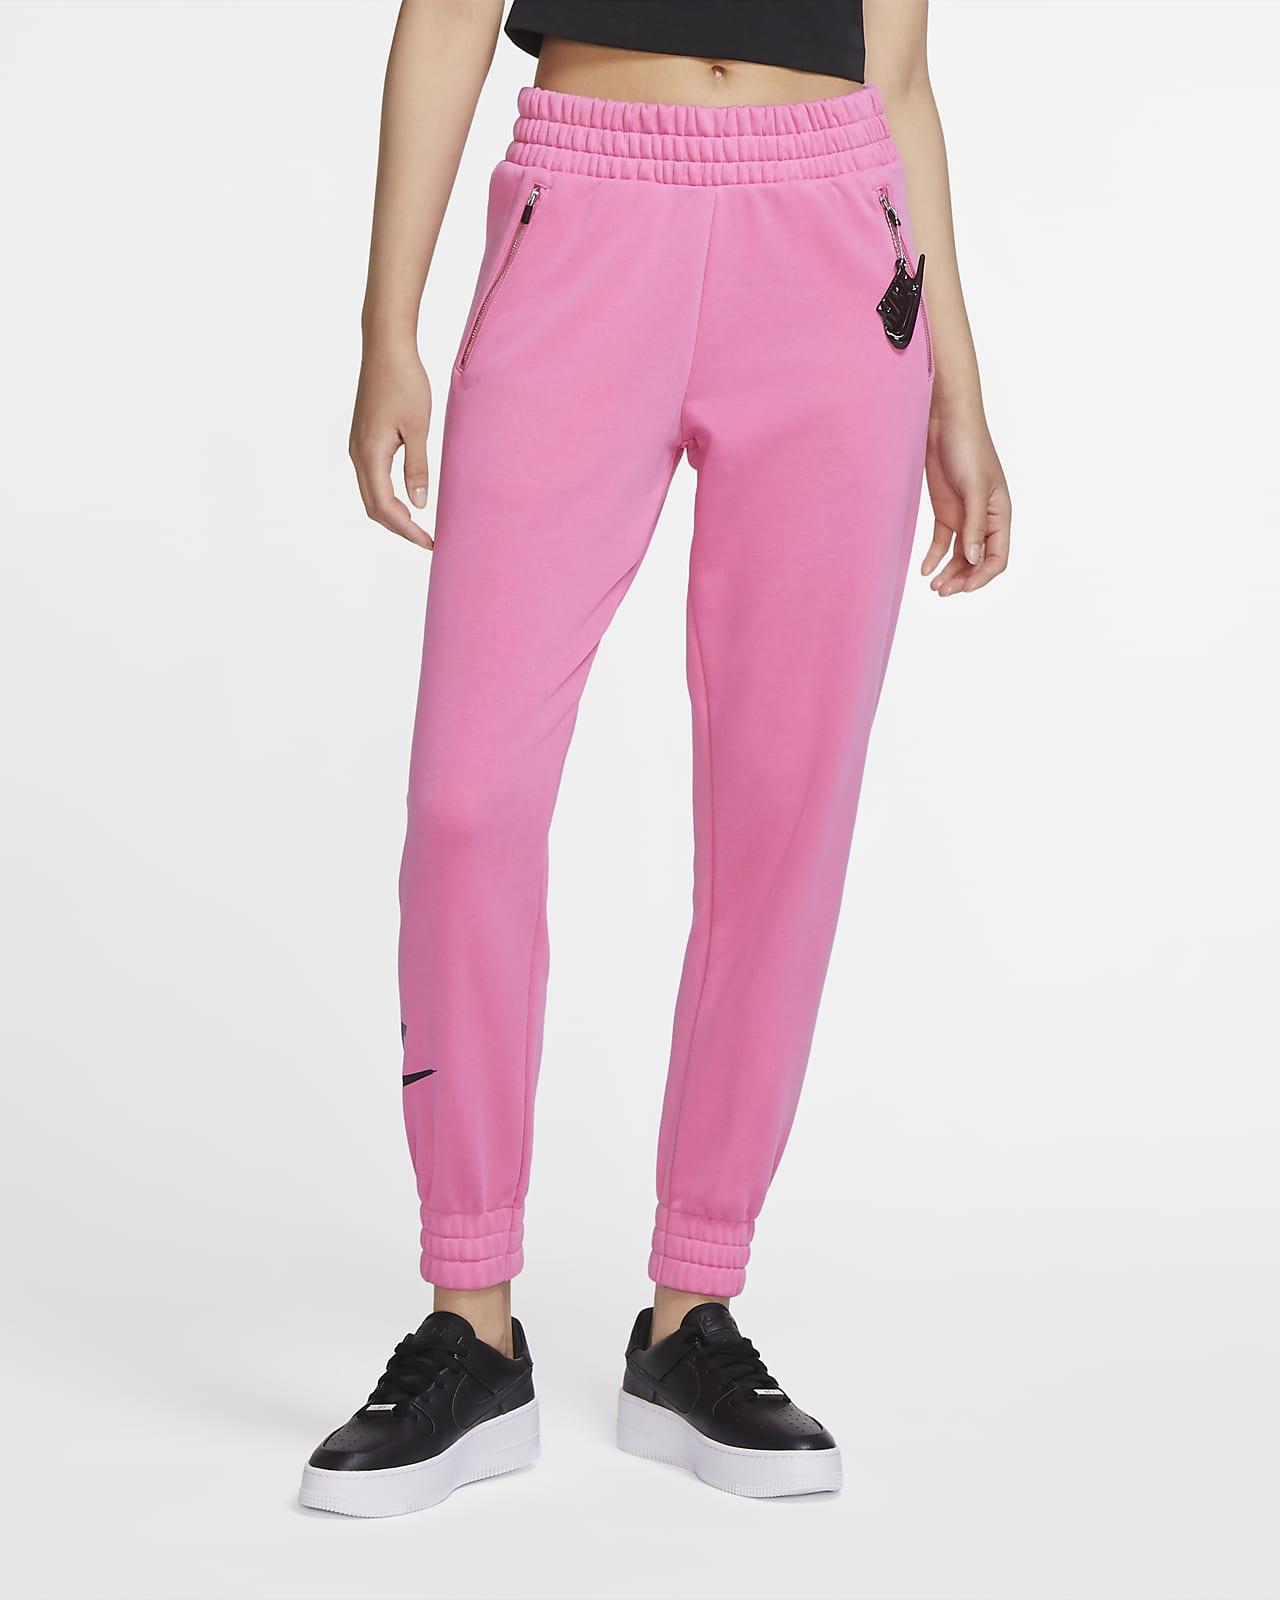 Pantalon 7/8 en tissu Fleece Nike Sportswear pour Femme